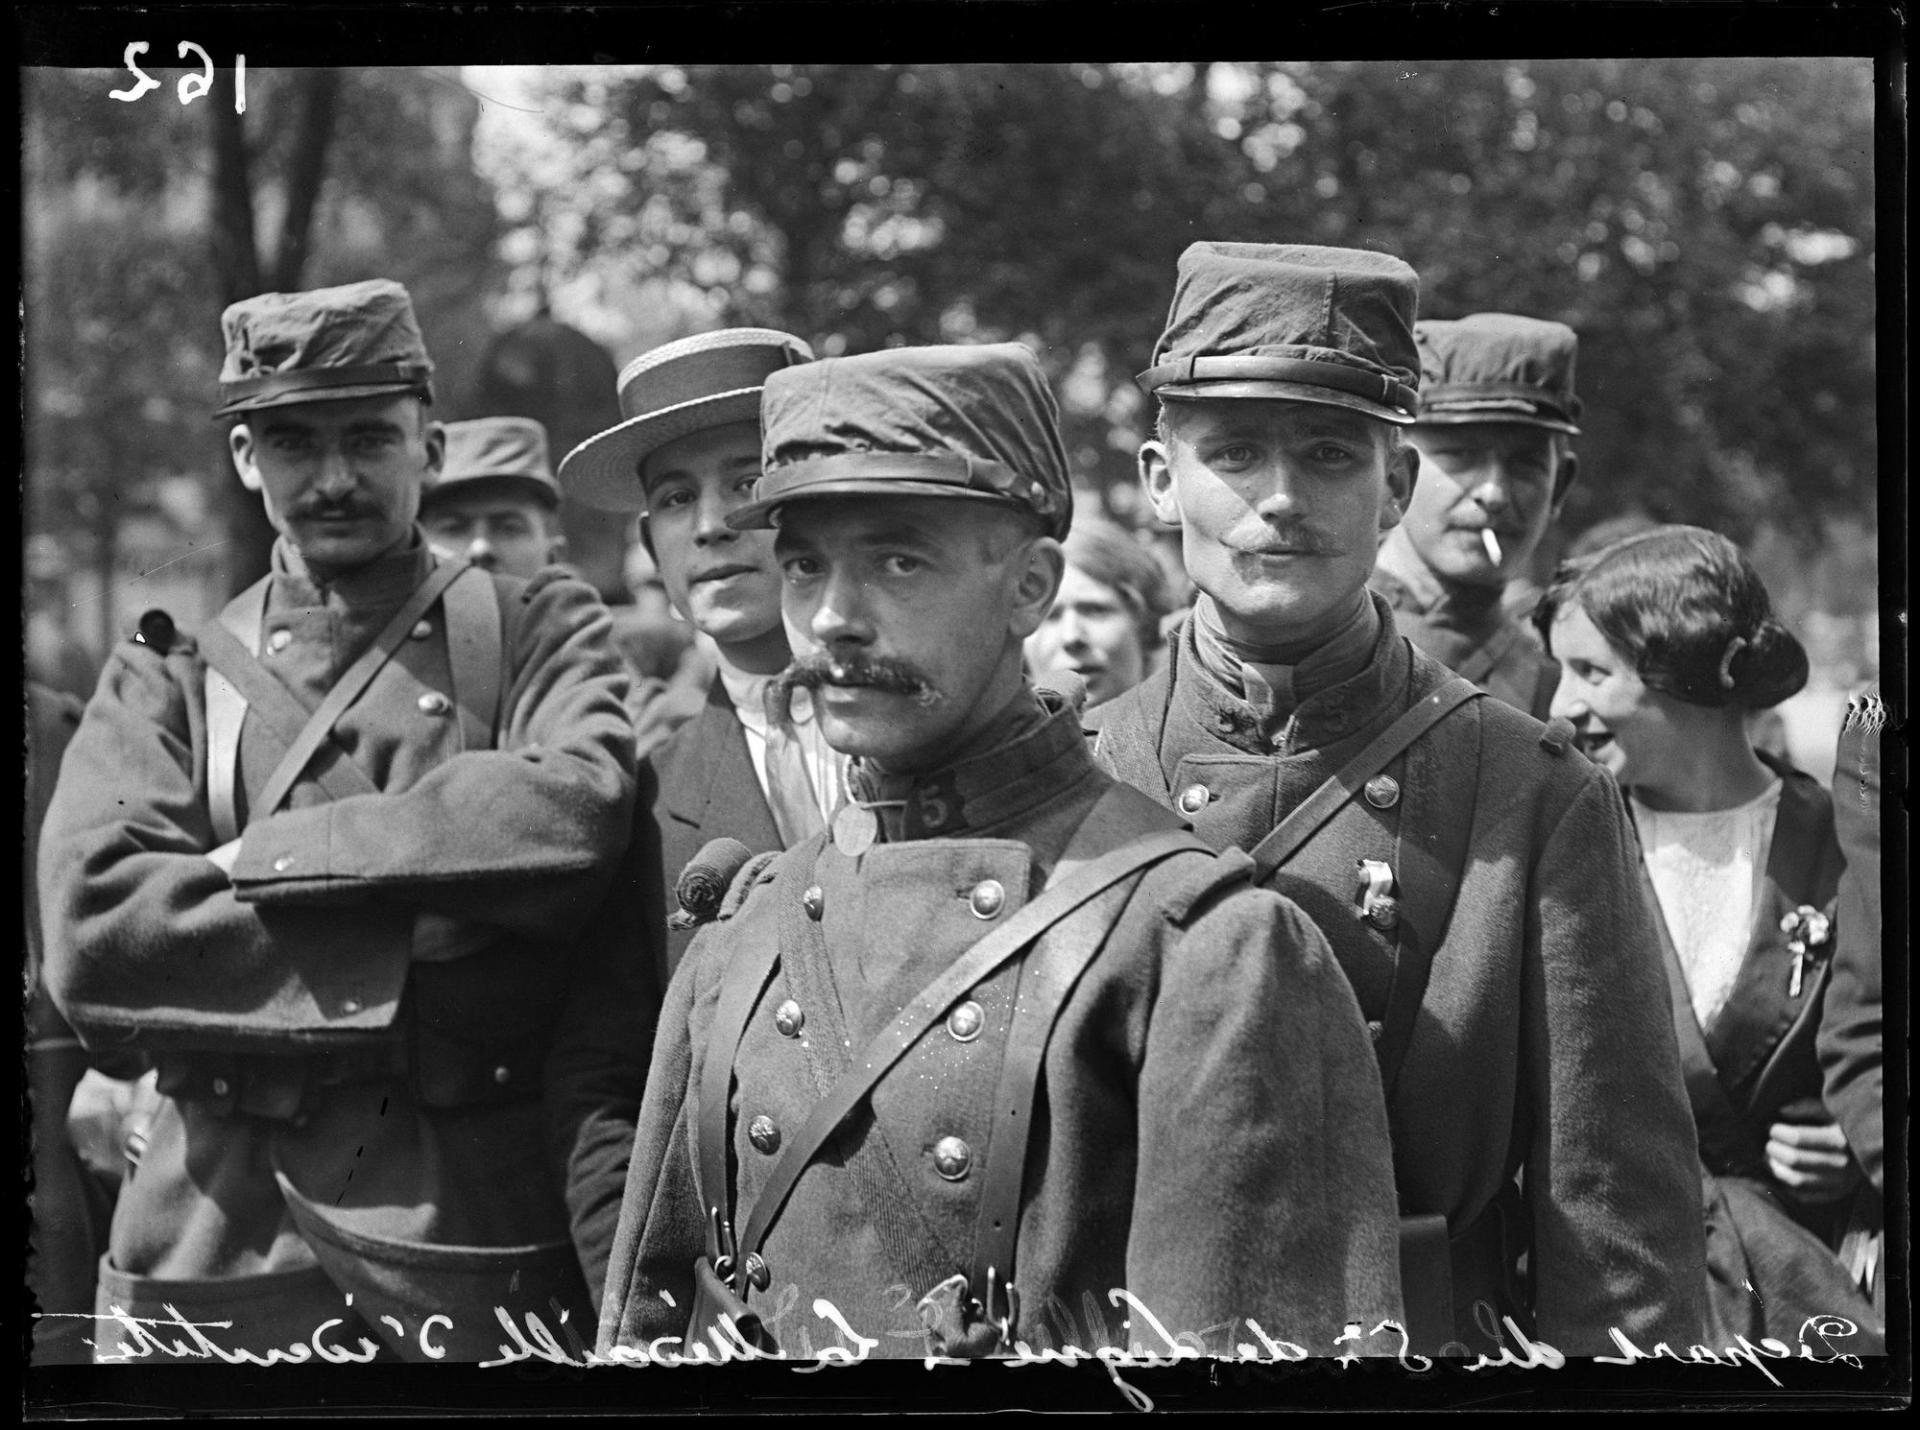 Soldats francais en 1914